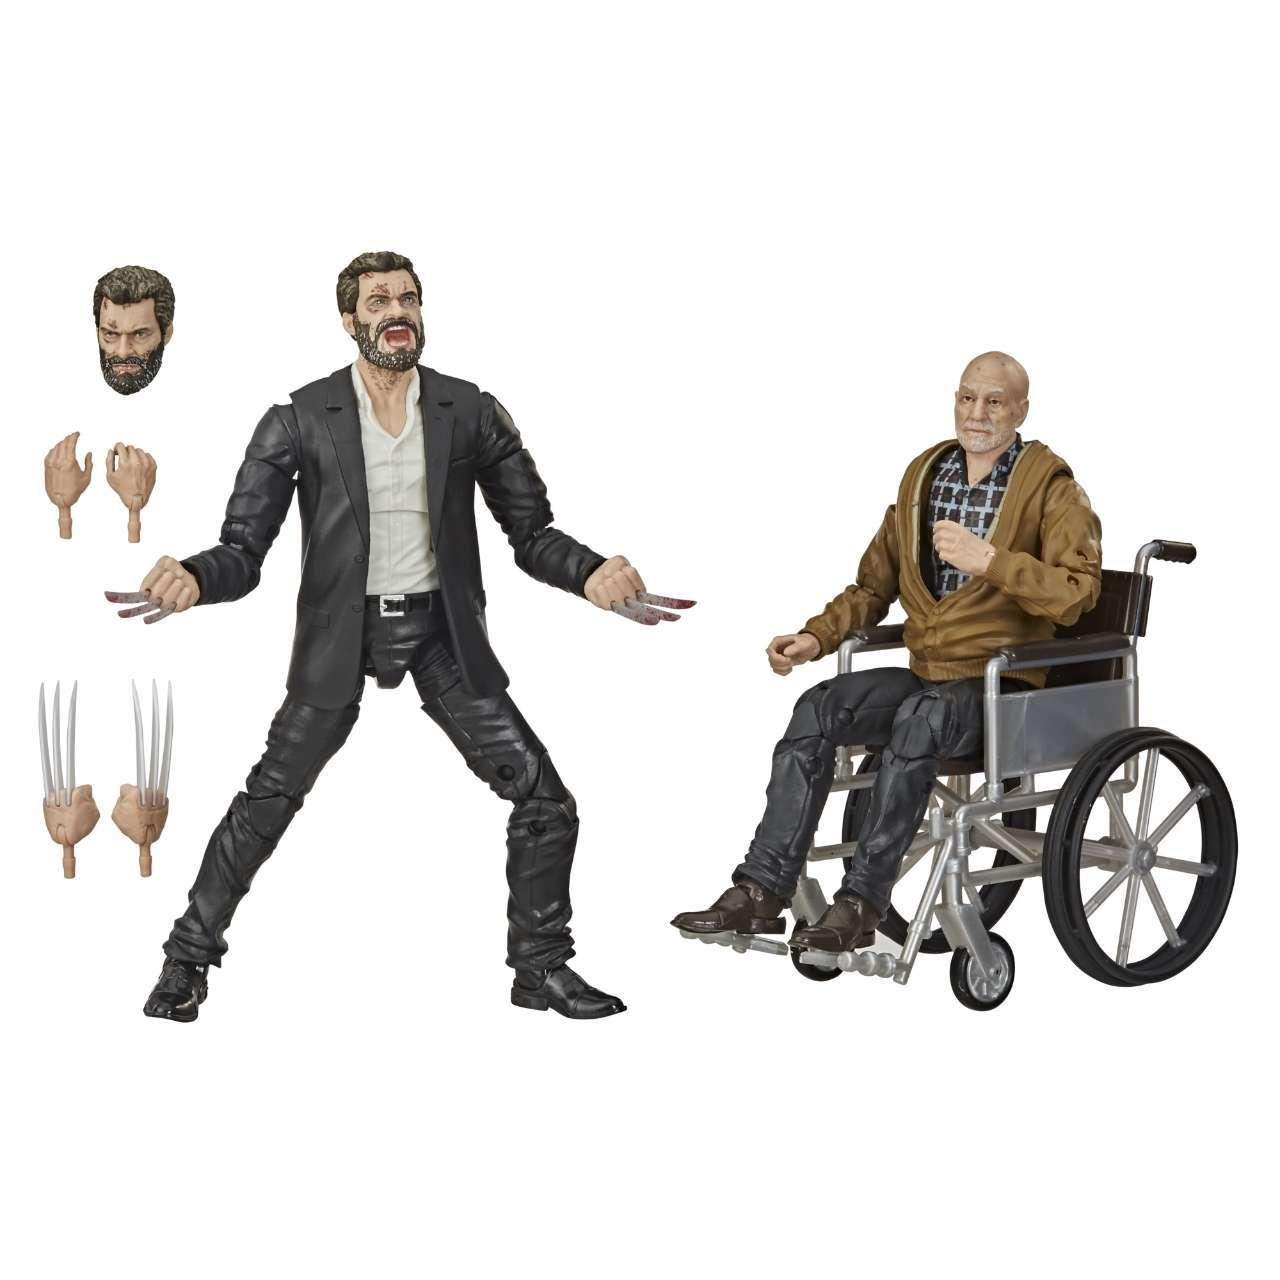 Marvel Legends Series 6-Inch X-Men Marvel s Logan & Charles Xavier Figure 2-Pack - oop (1)